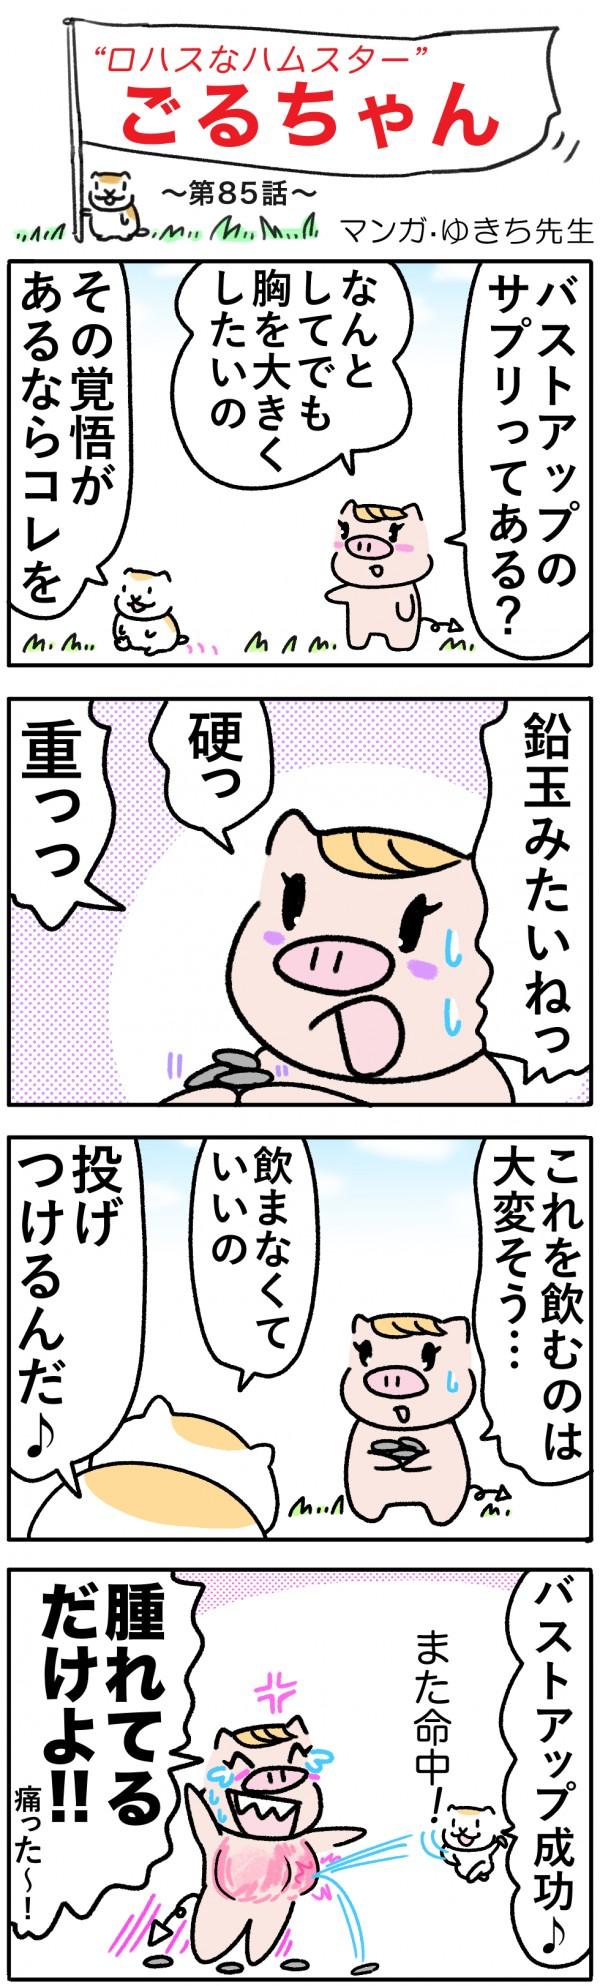 修正版ゴルちゃん